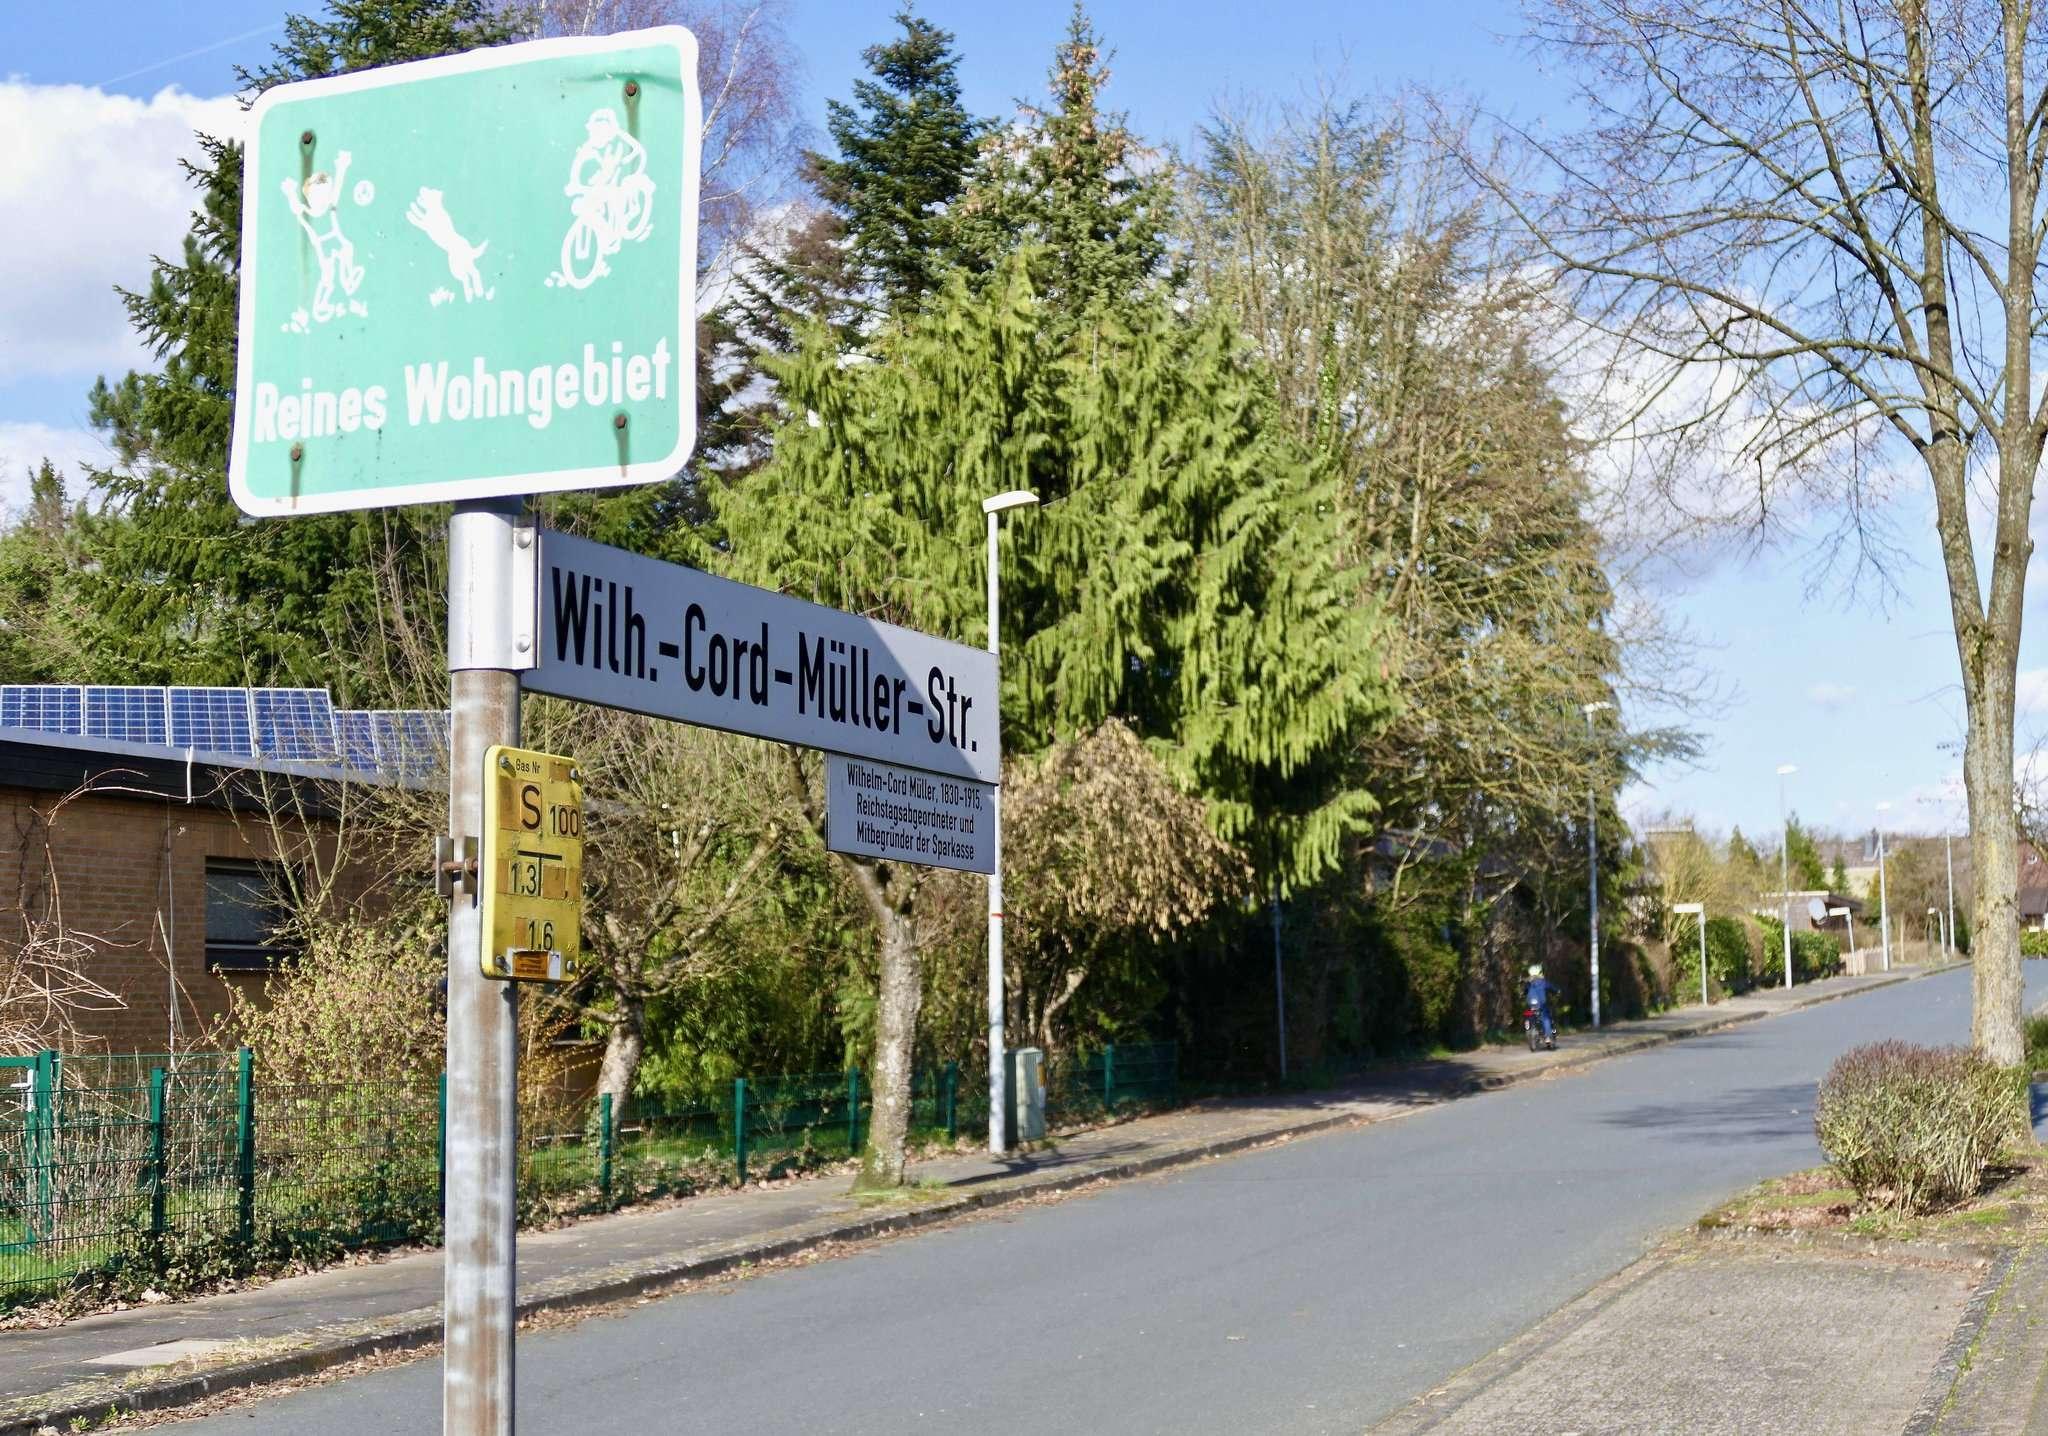 Rund um das Areal Mühlenkamp und der Wilhelm-Cord-Müller-Straße soll eine Tempo-30-Zone entstehen. Fotos: Hans-Jörg Werth